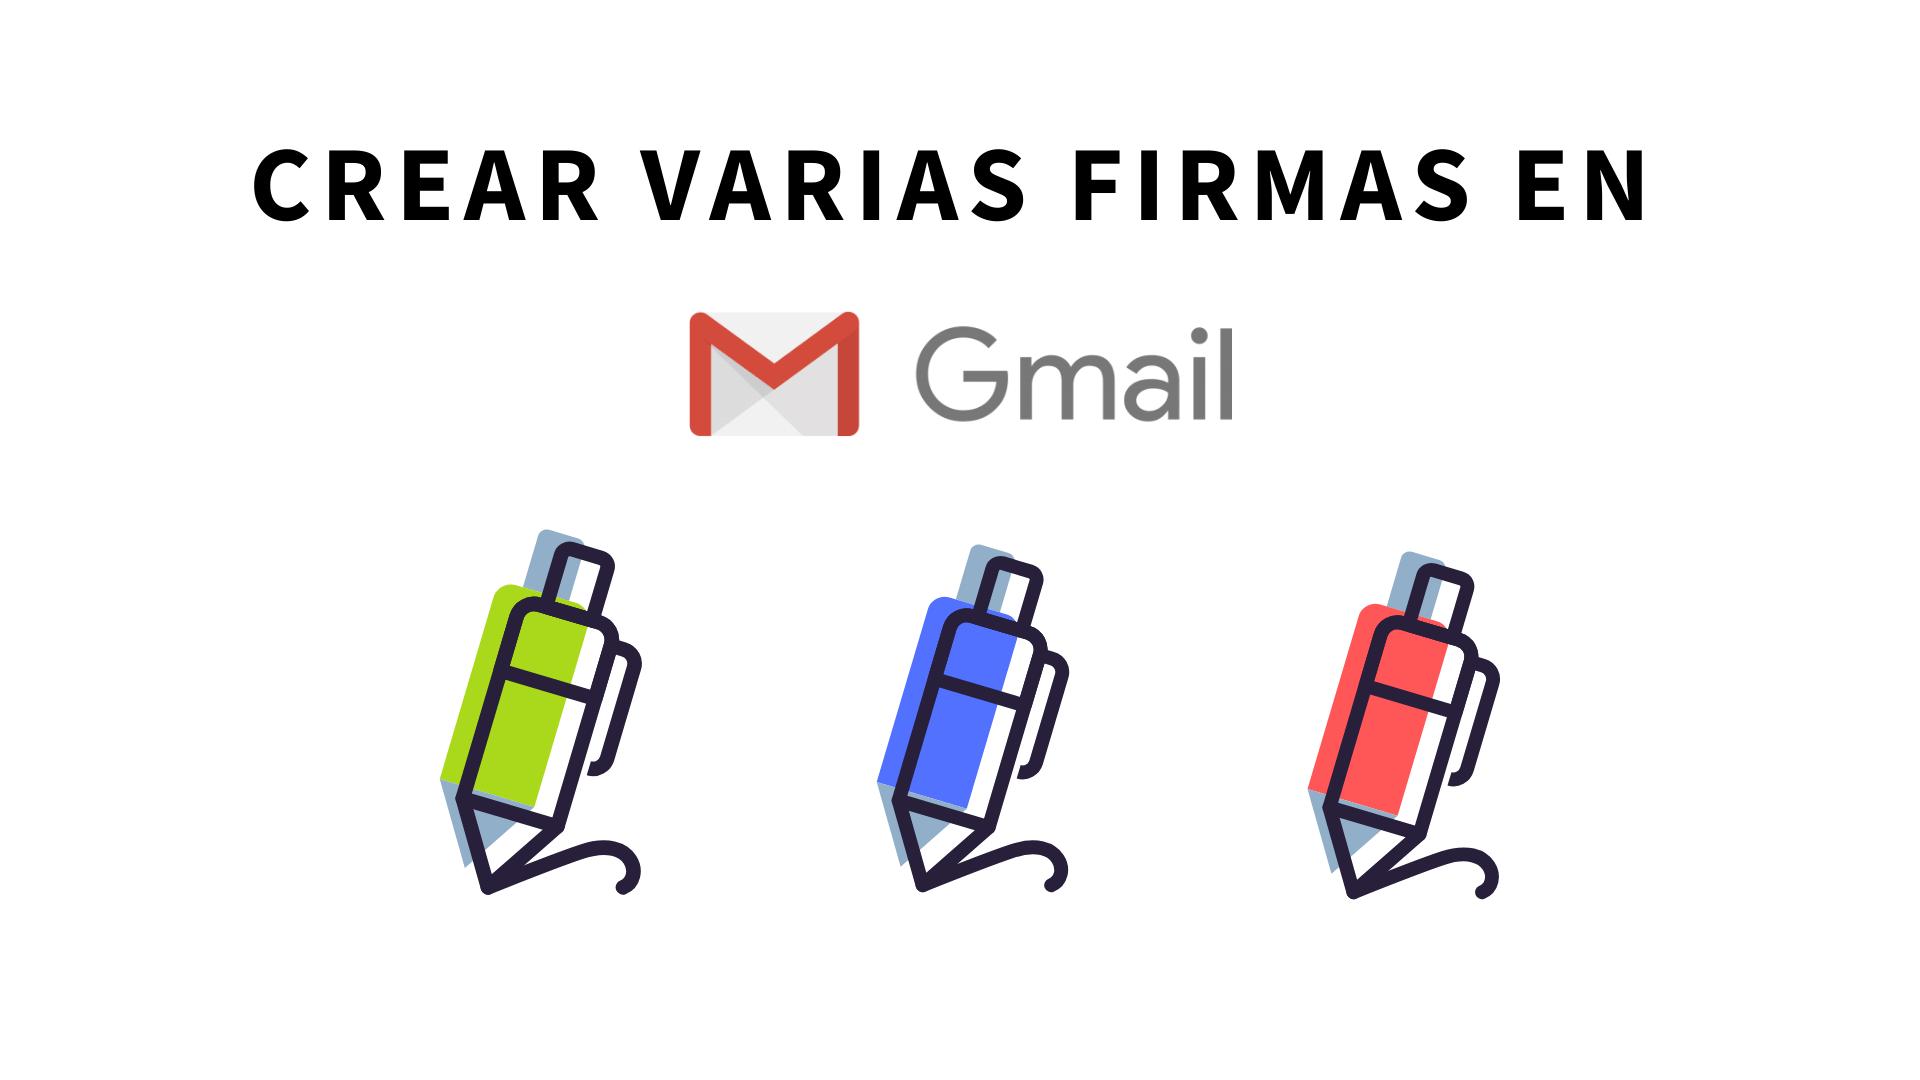 Crear y usar diferentes firmas para tu correo en Gmail